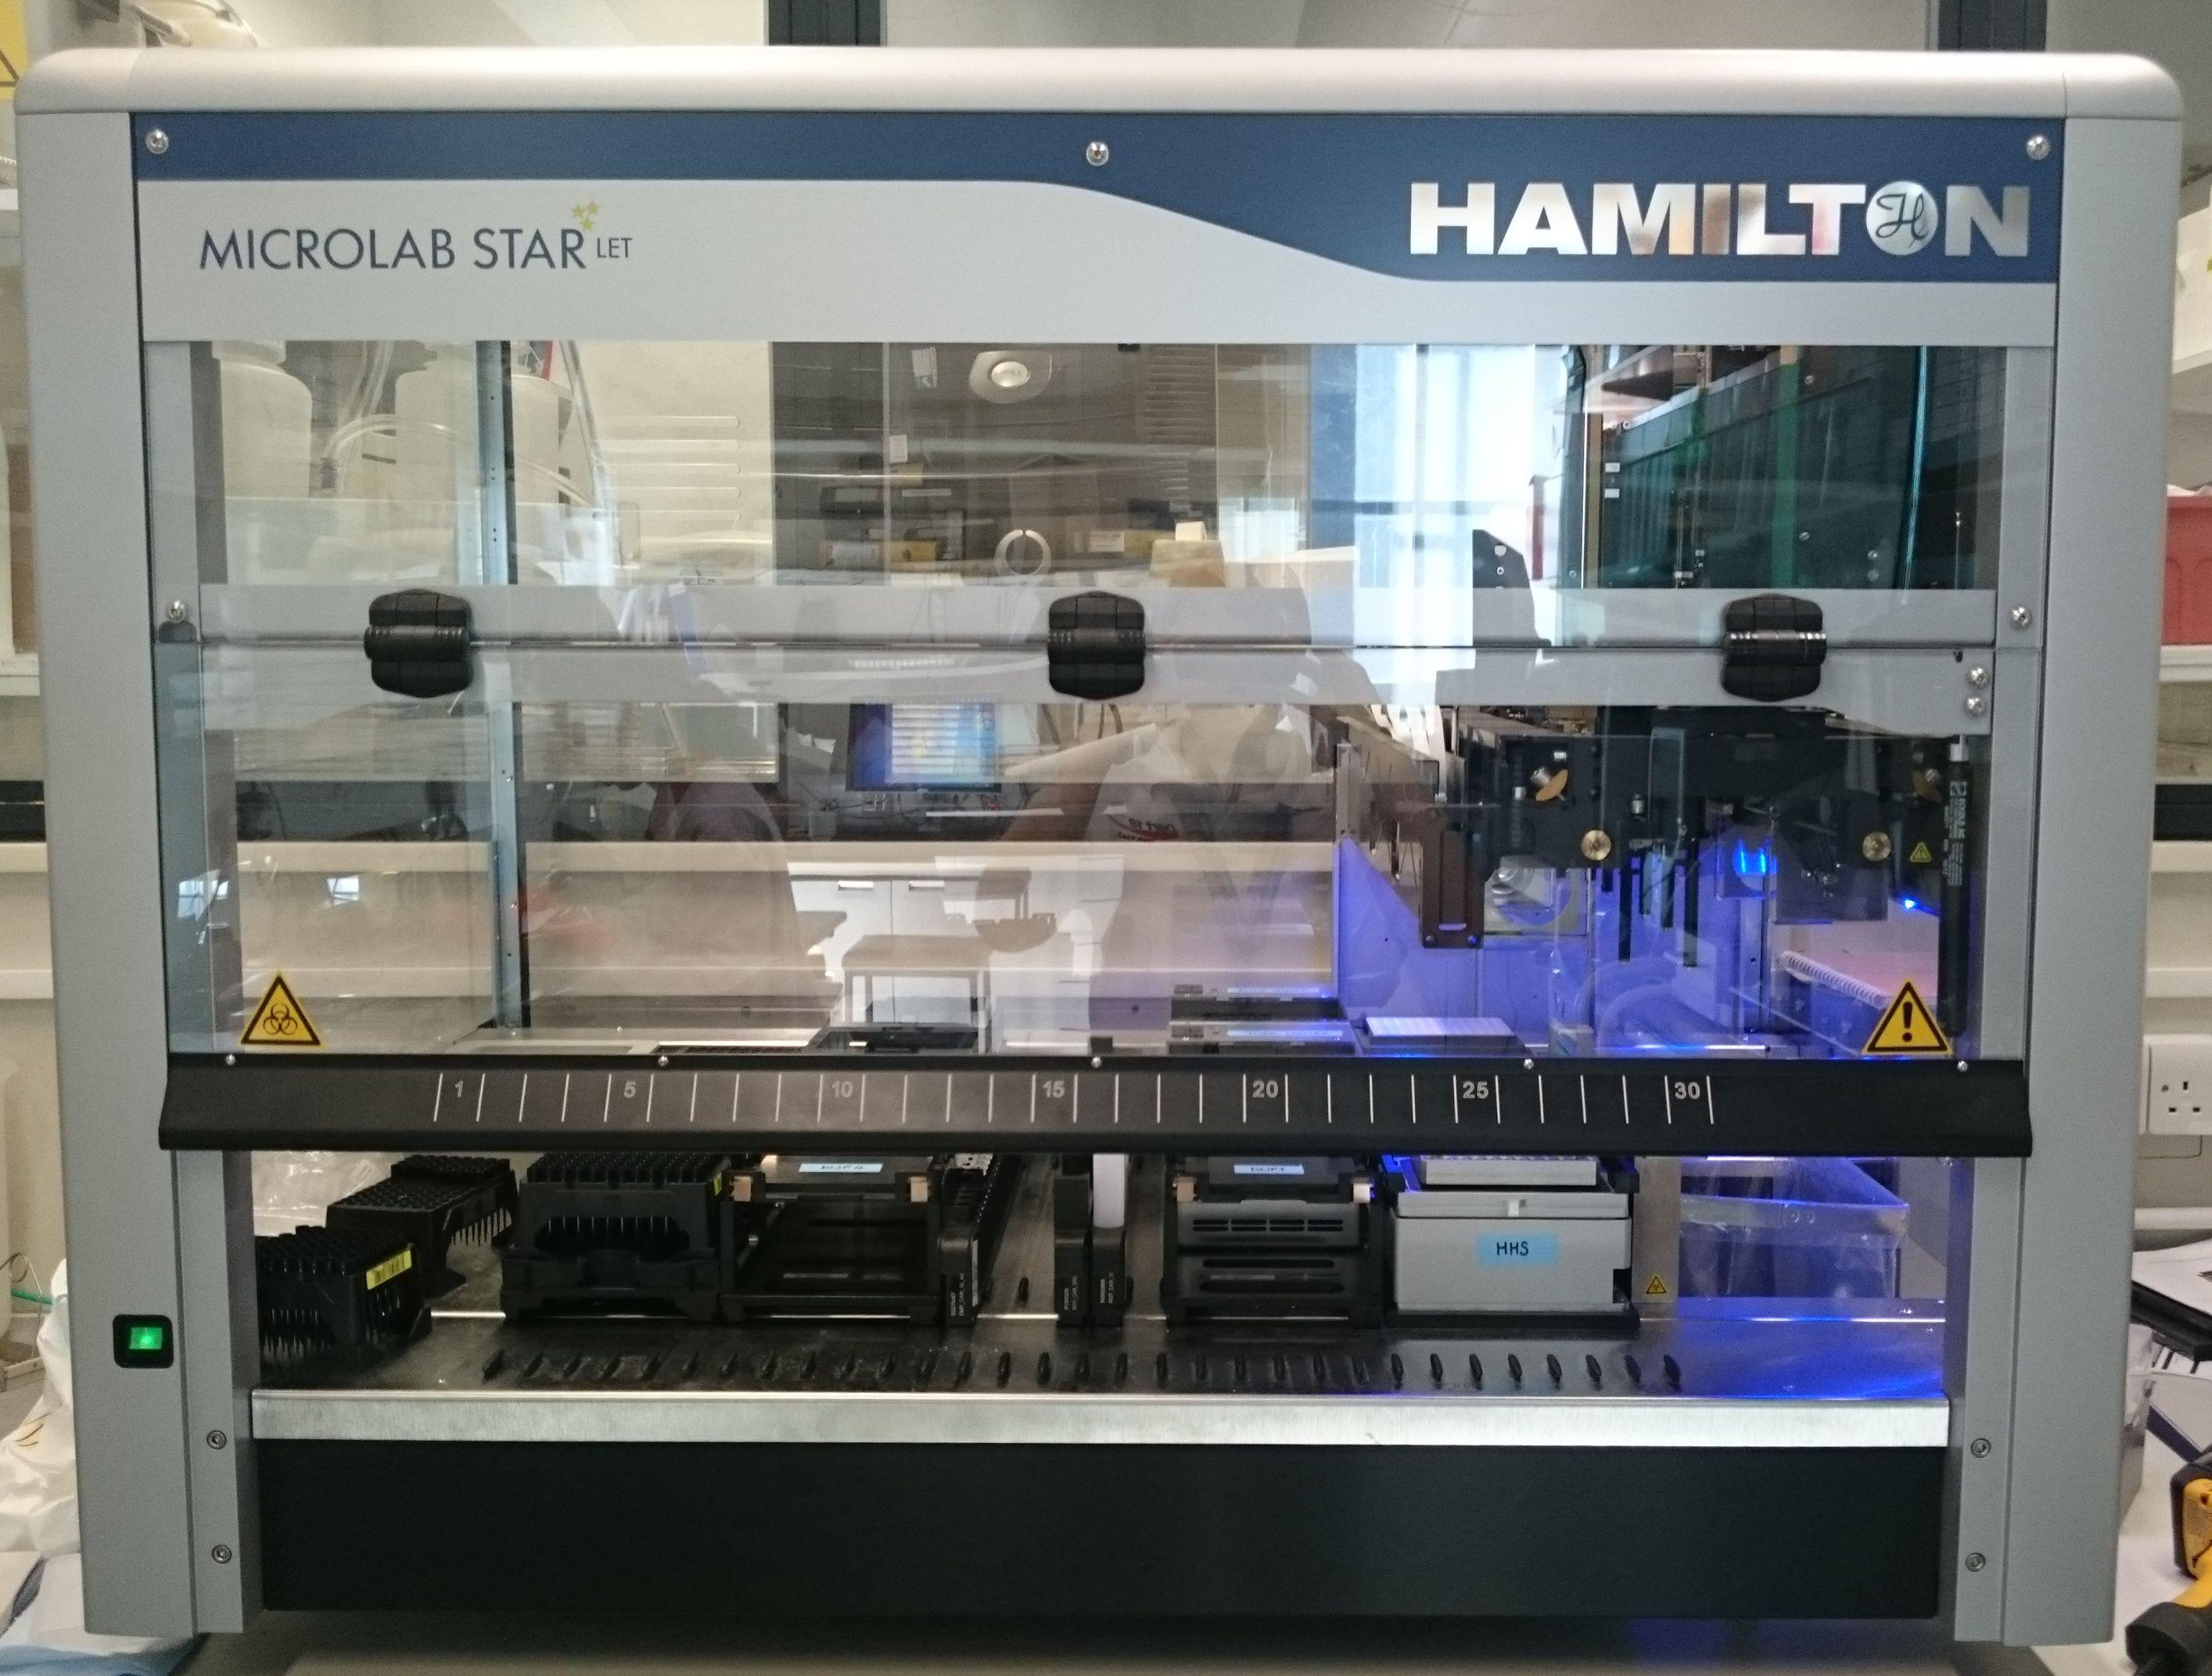 Hamilton STARlet liquid handling robot